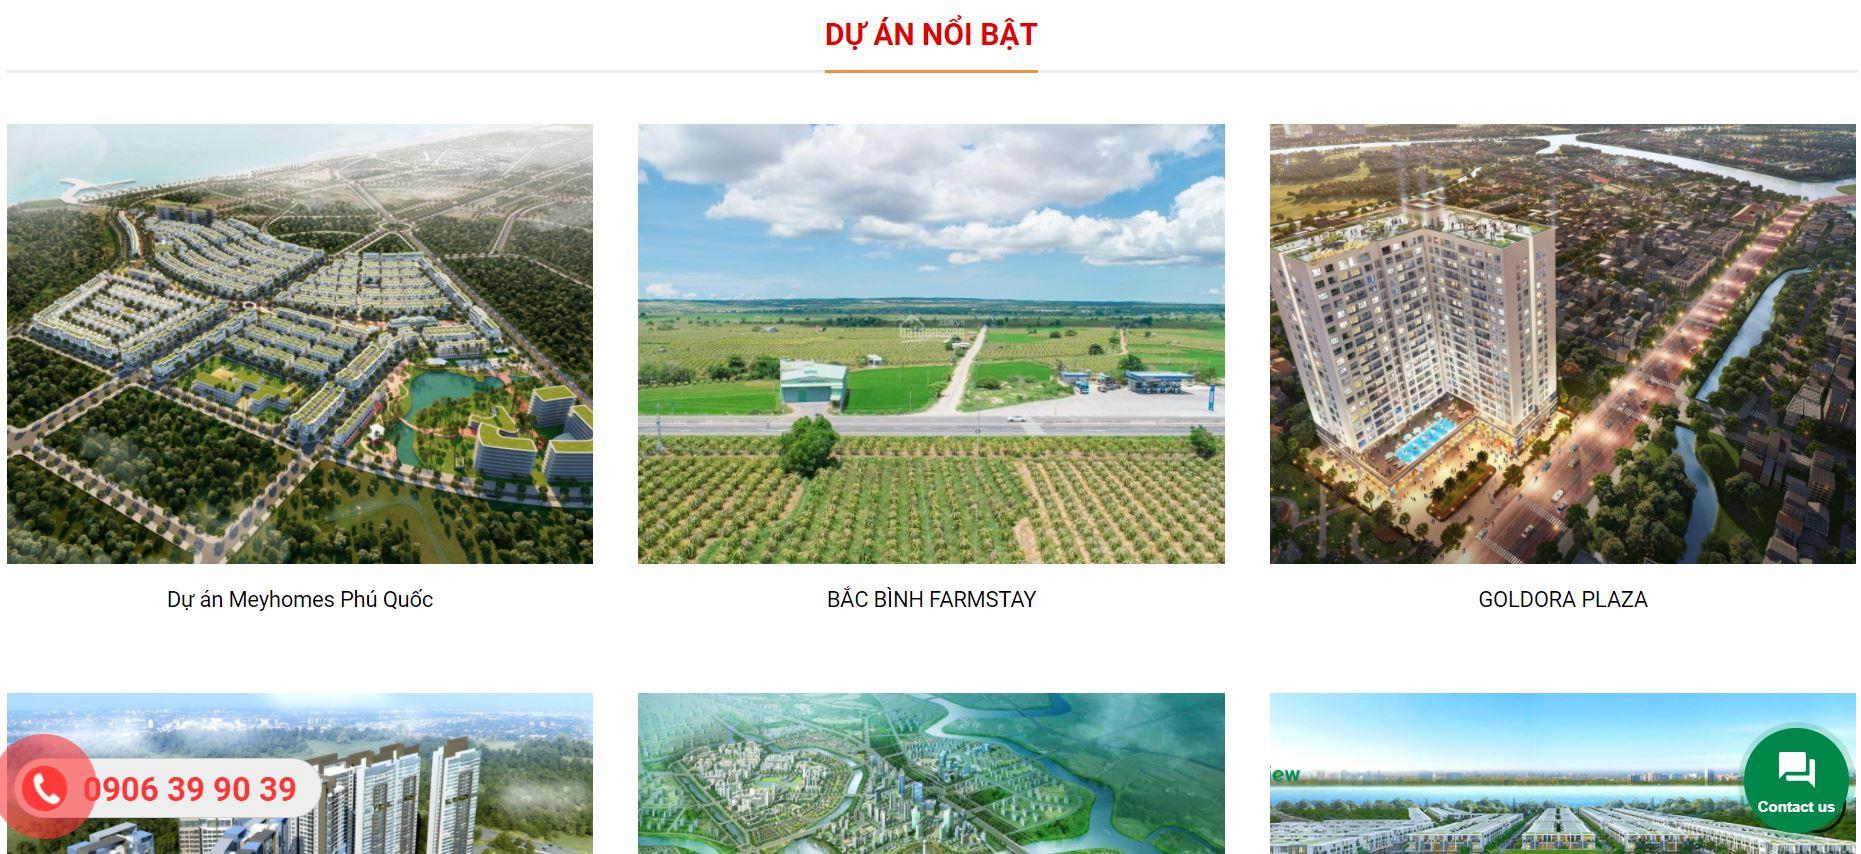 dự án bất động sản nổi bật halo media